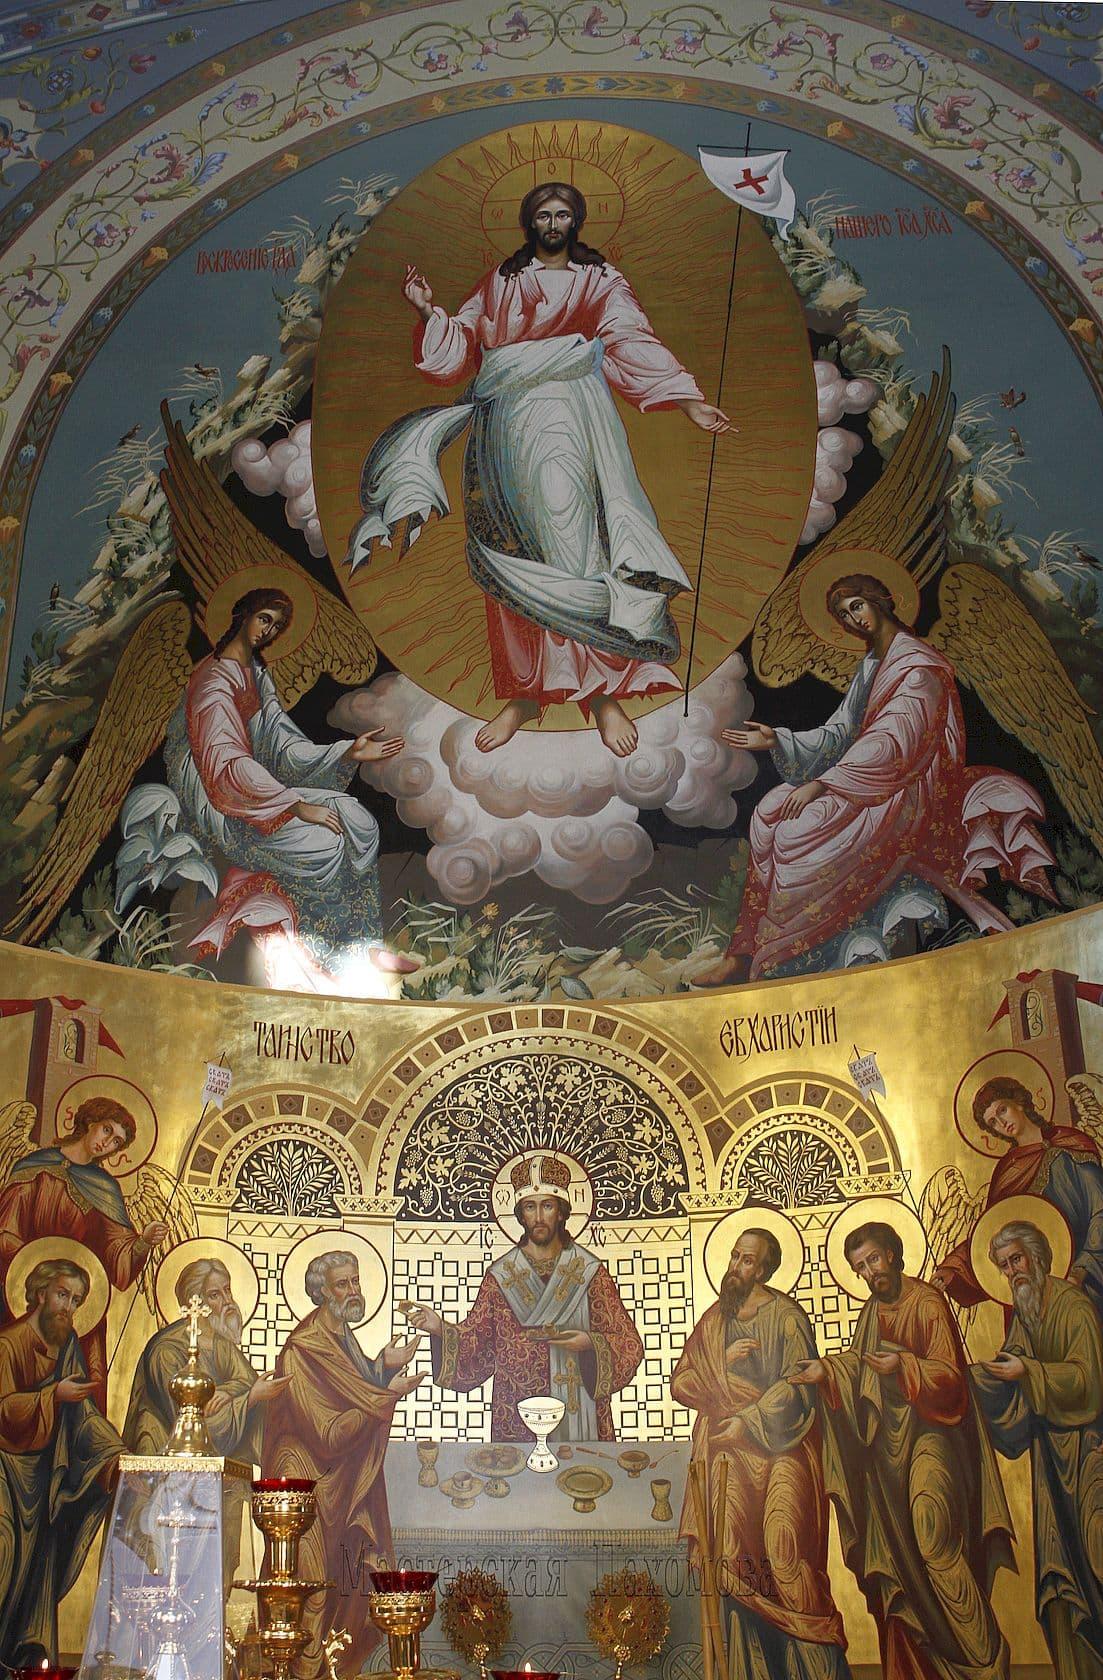 Вознесение Господне, Таинство Евхаристии